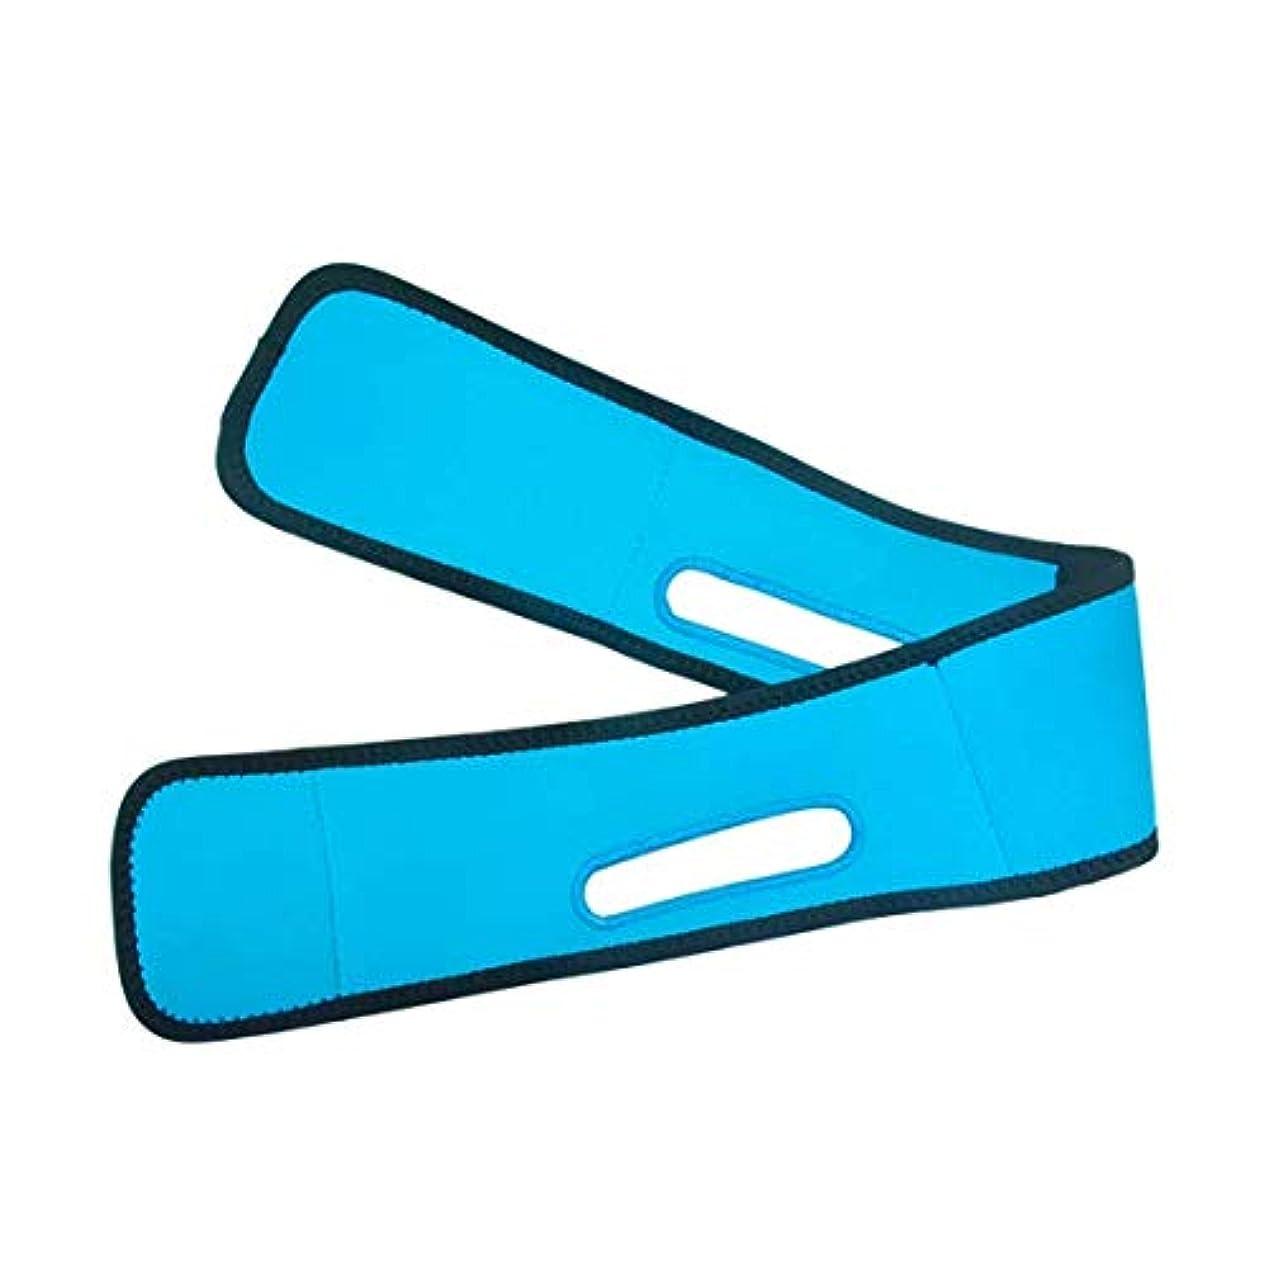 おとうさんクリック状況スリミングベルト、フェイスマスクVフェイスアーティファクトマッサージマスクで顎の筋肉の収縮を強化し、Vフェイスリフトのタイトな包帯を簡単に形成